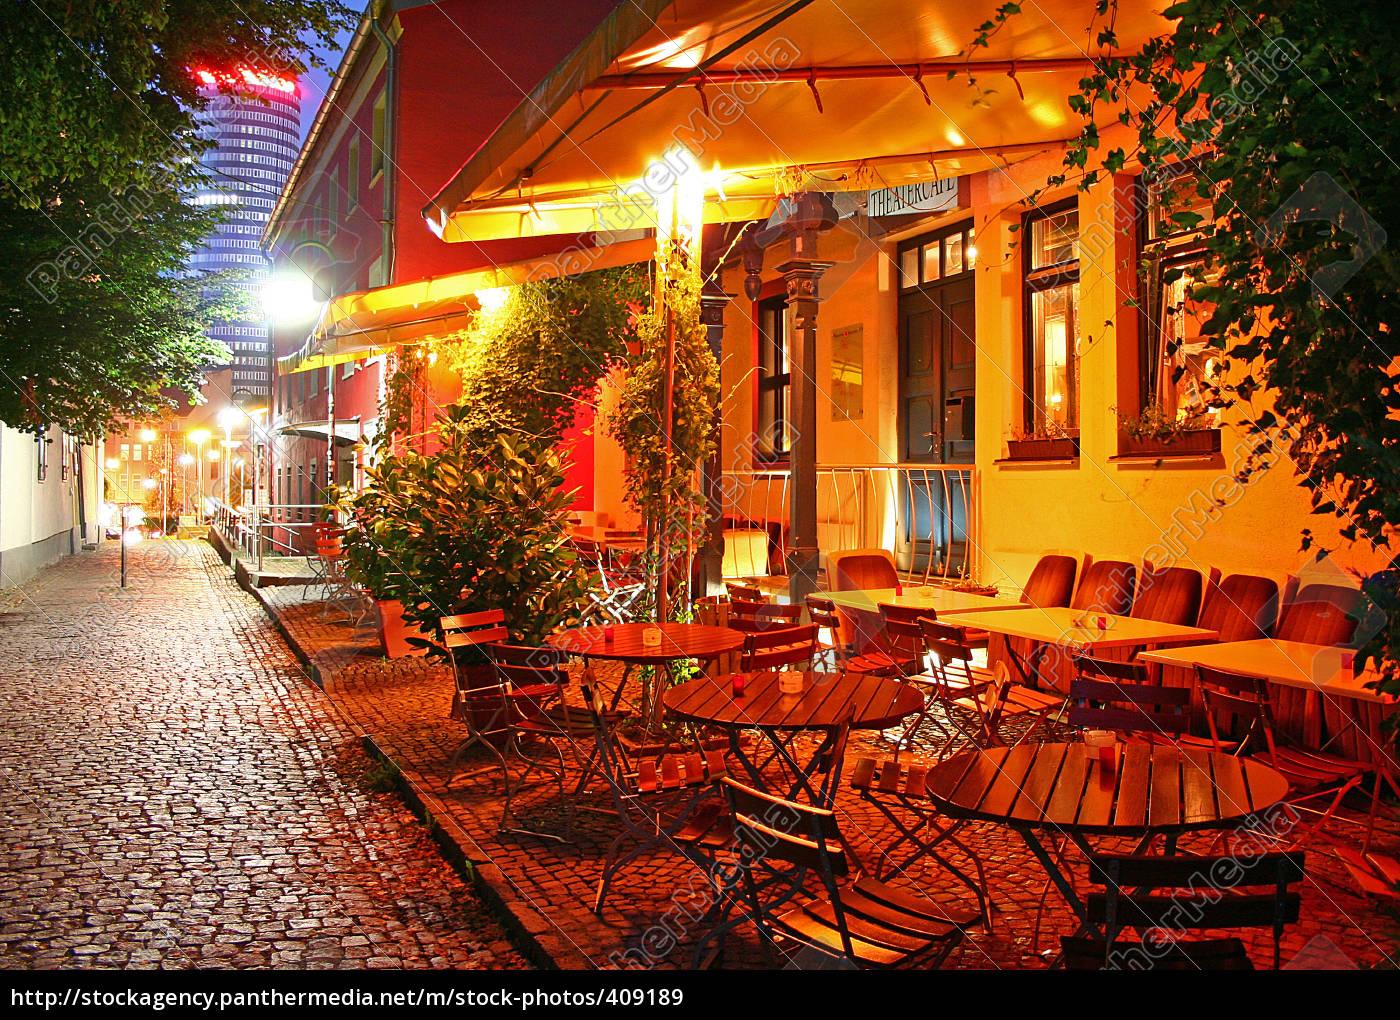 dinner, at, café - 409189